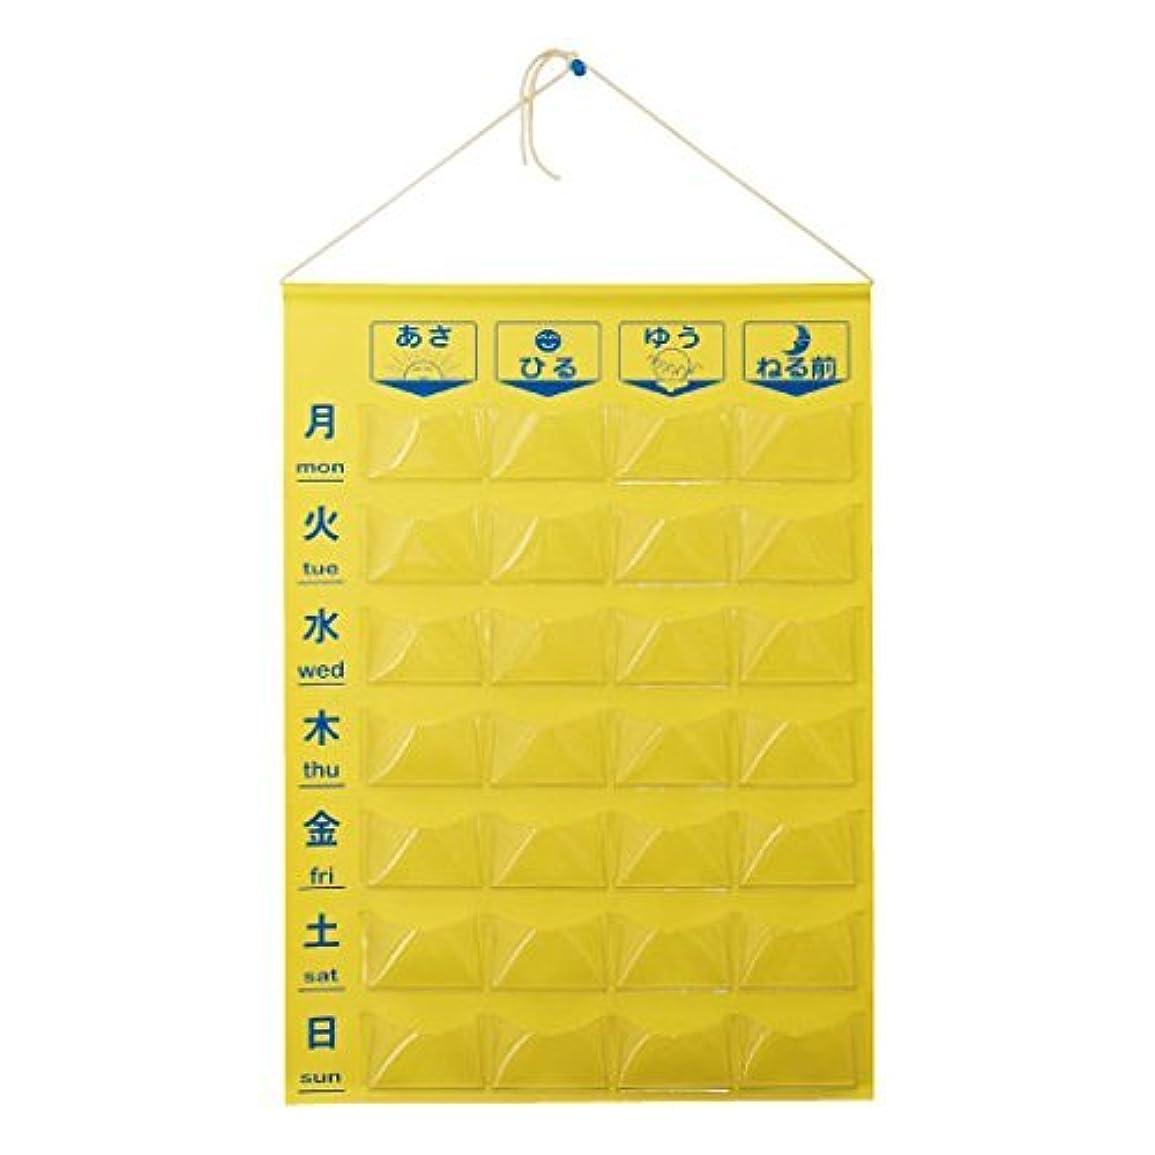 水差しニンニクパラメータおくすりカレンダー(1週間1日4回) 76270-000(KW-28)